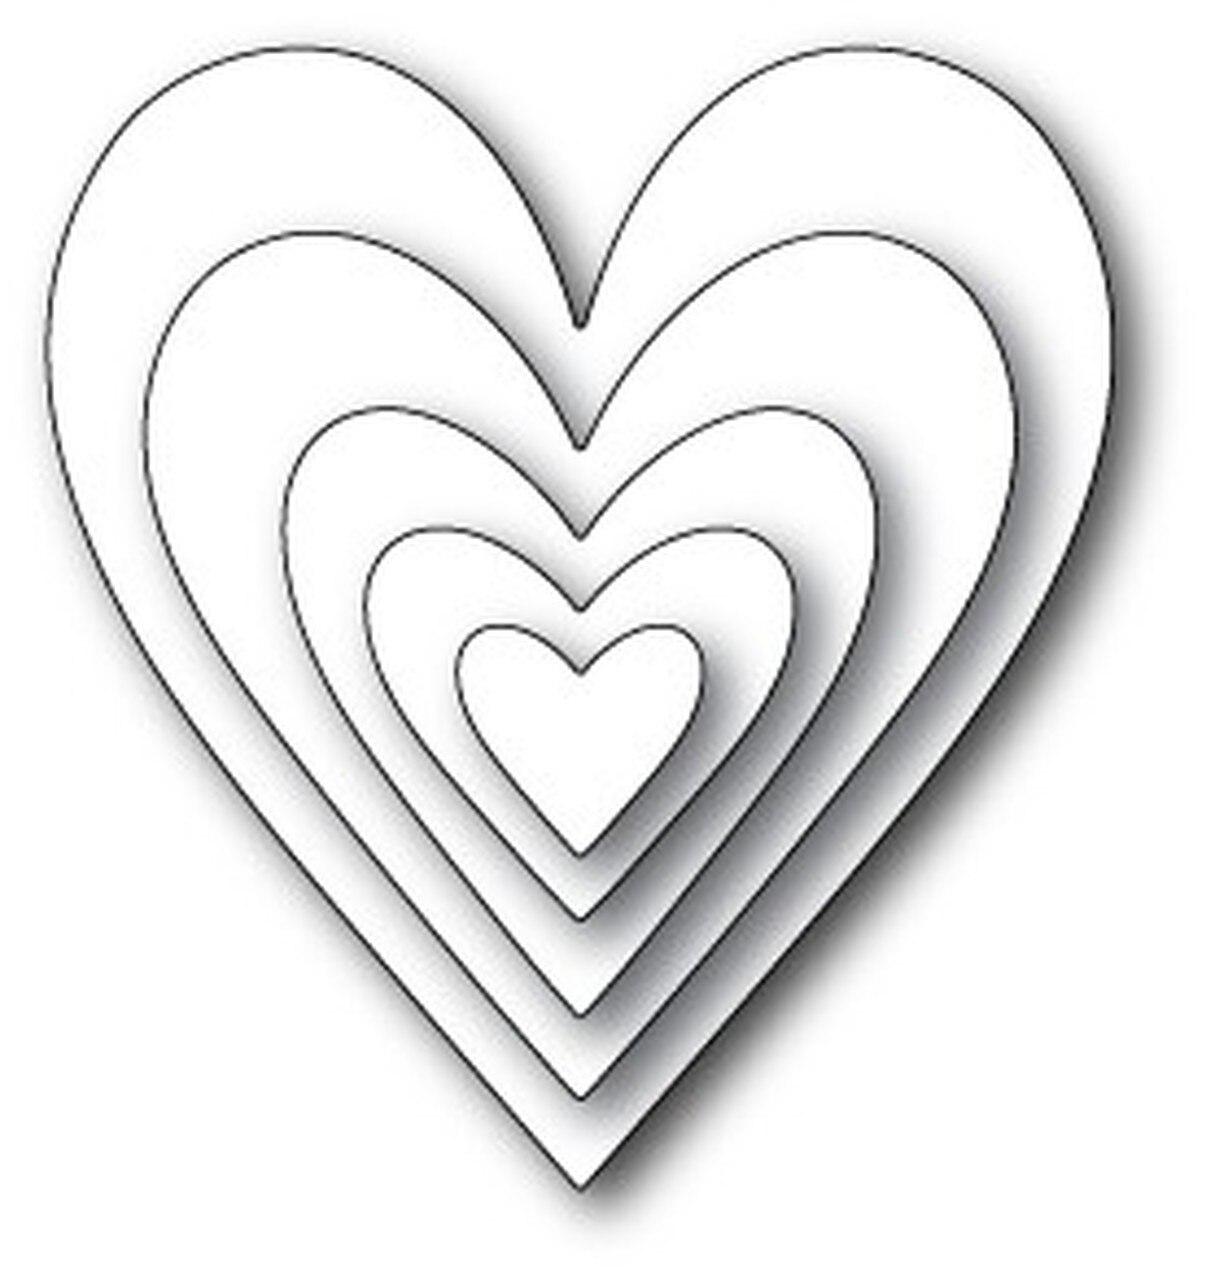 Memory Box - Glorious Hearts Die